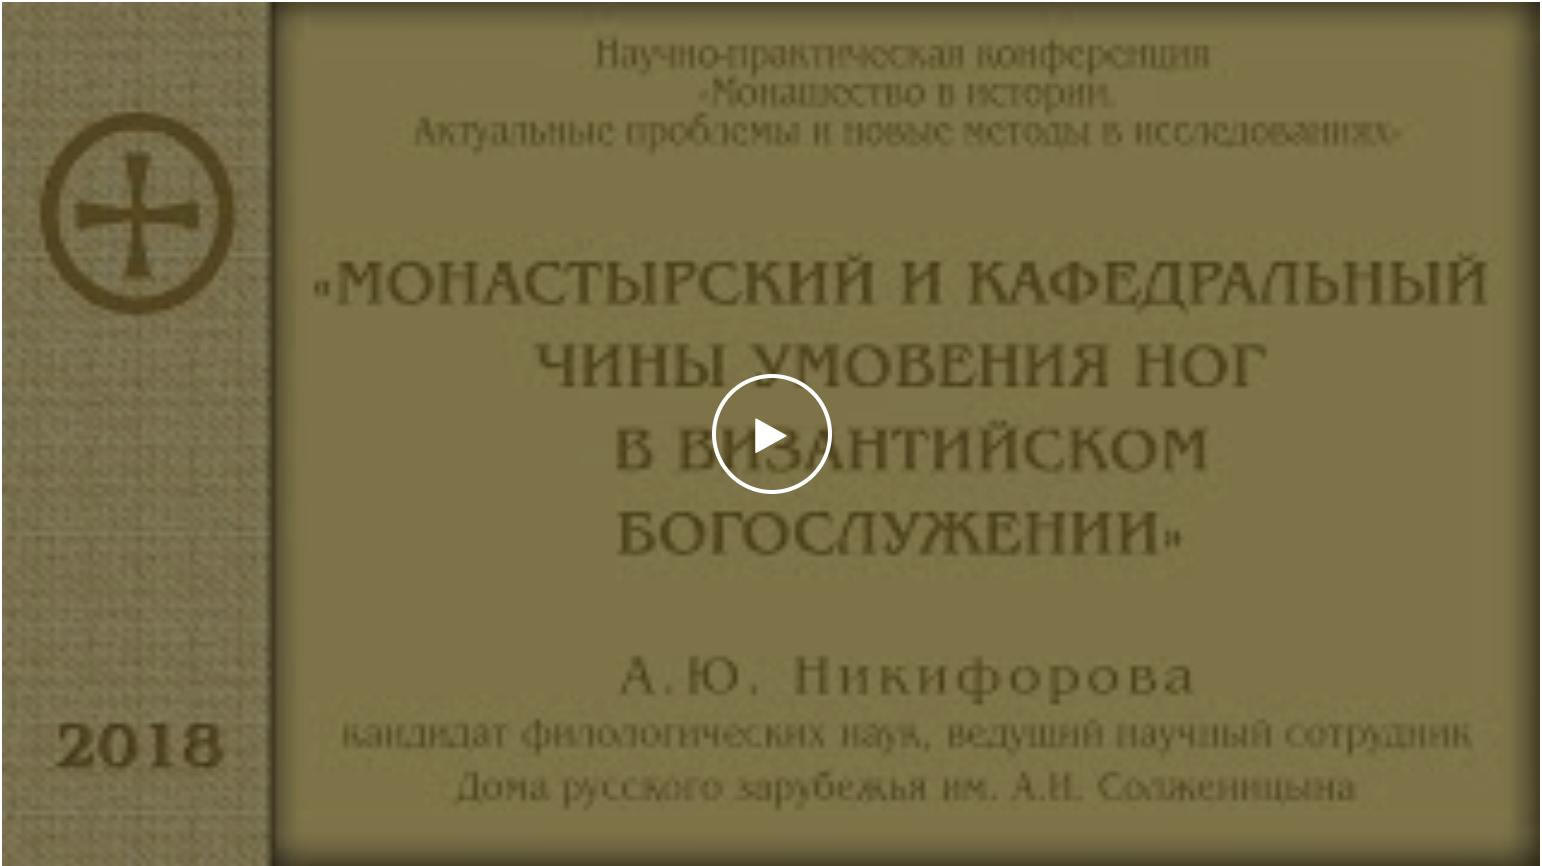 Монастырский и кафедральный чины умовения ног в византийском богослужении